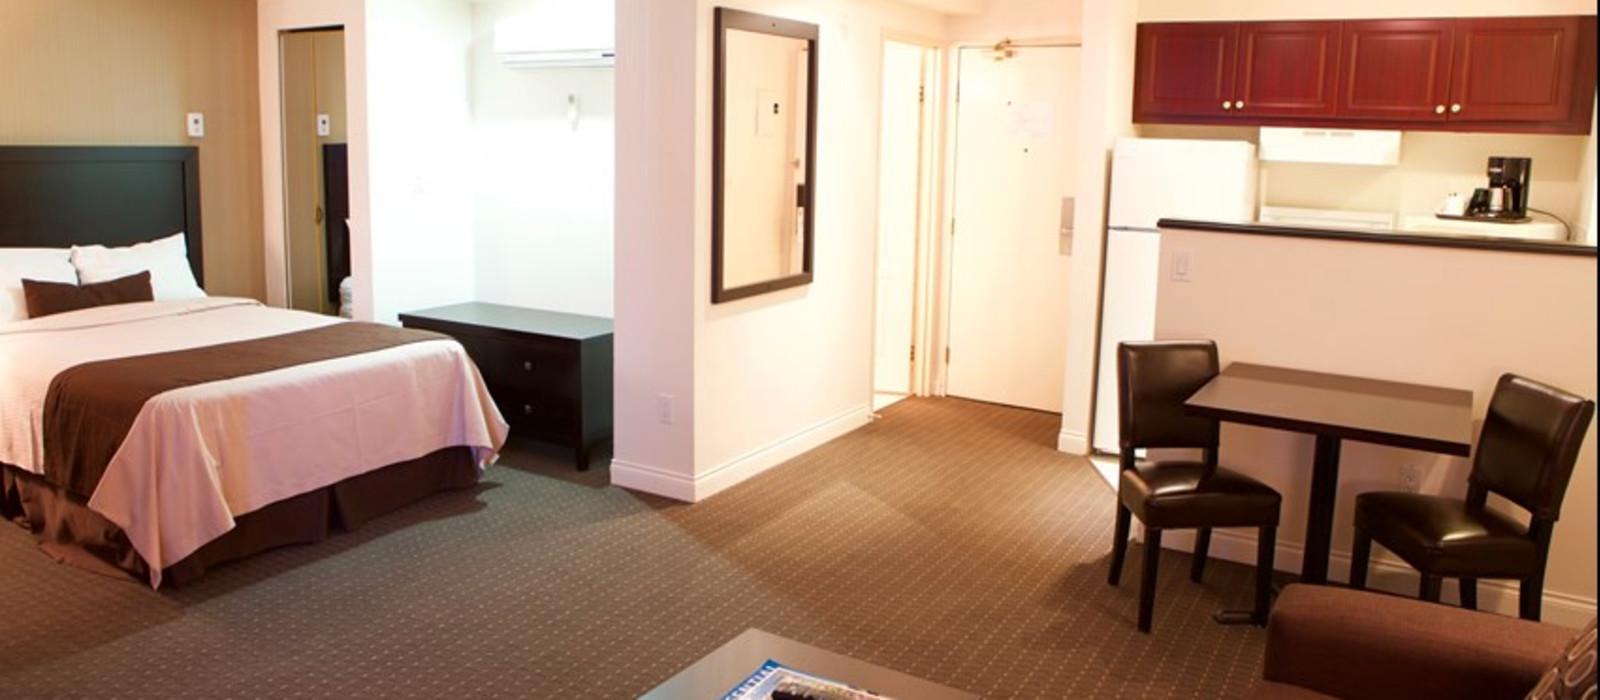 Hotel Century Plaza  & Spa Kanada